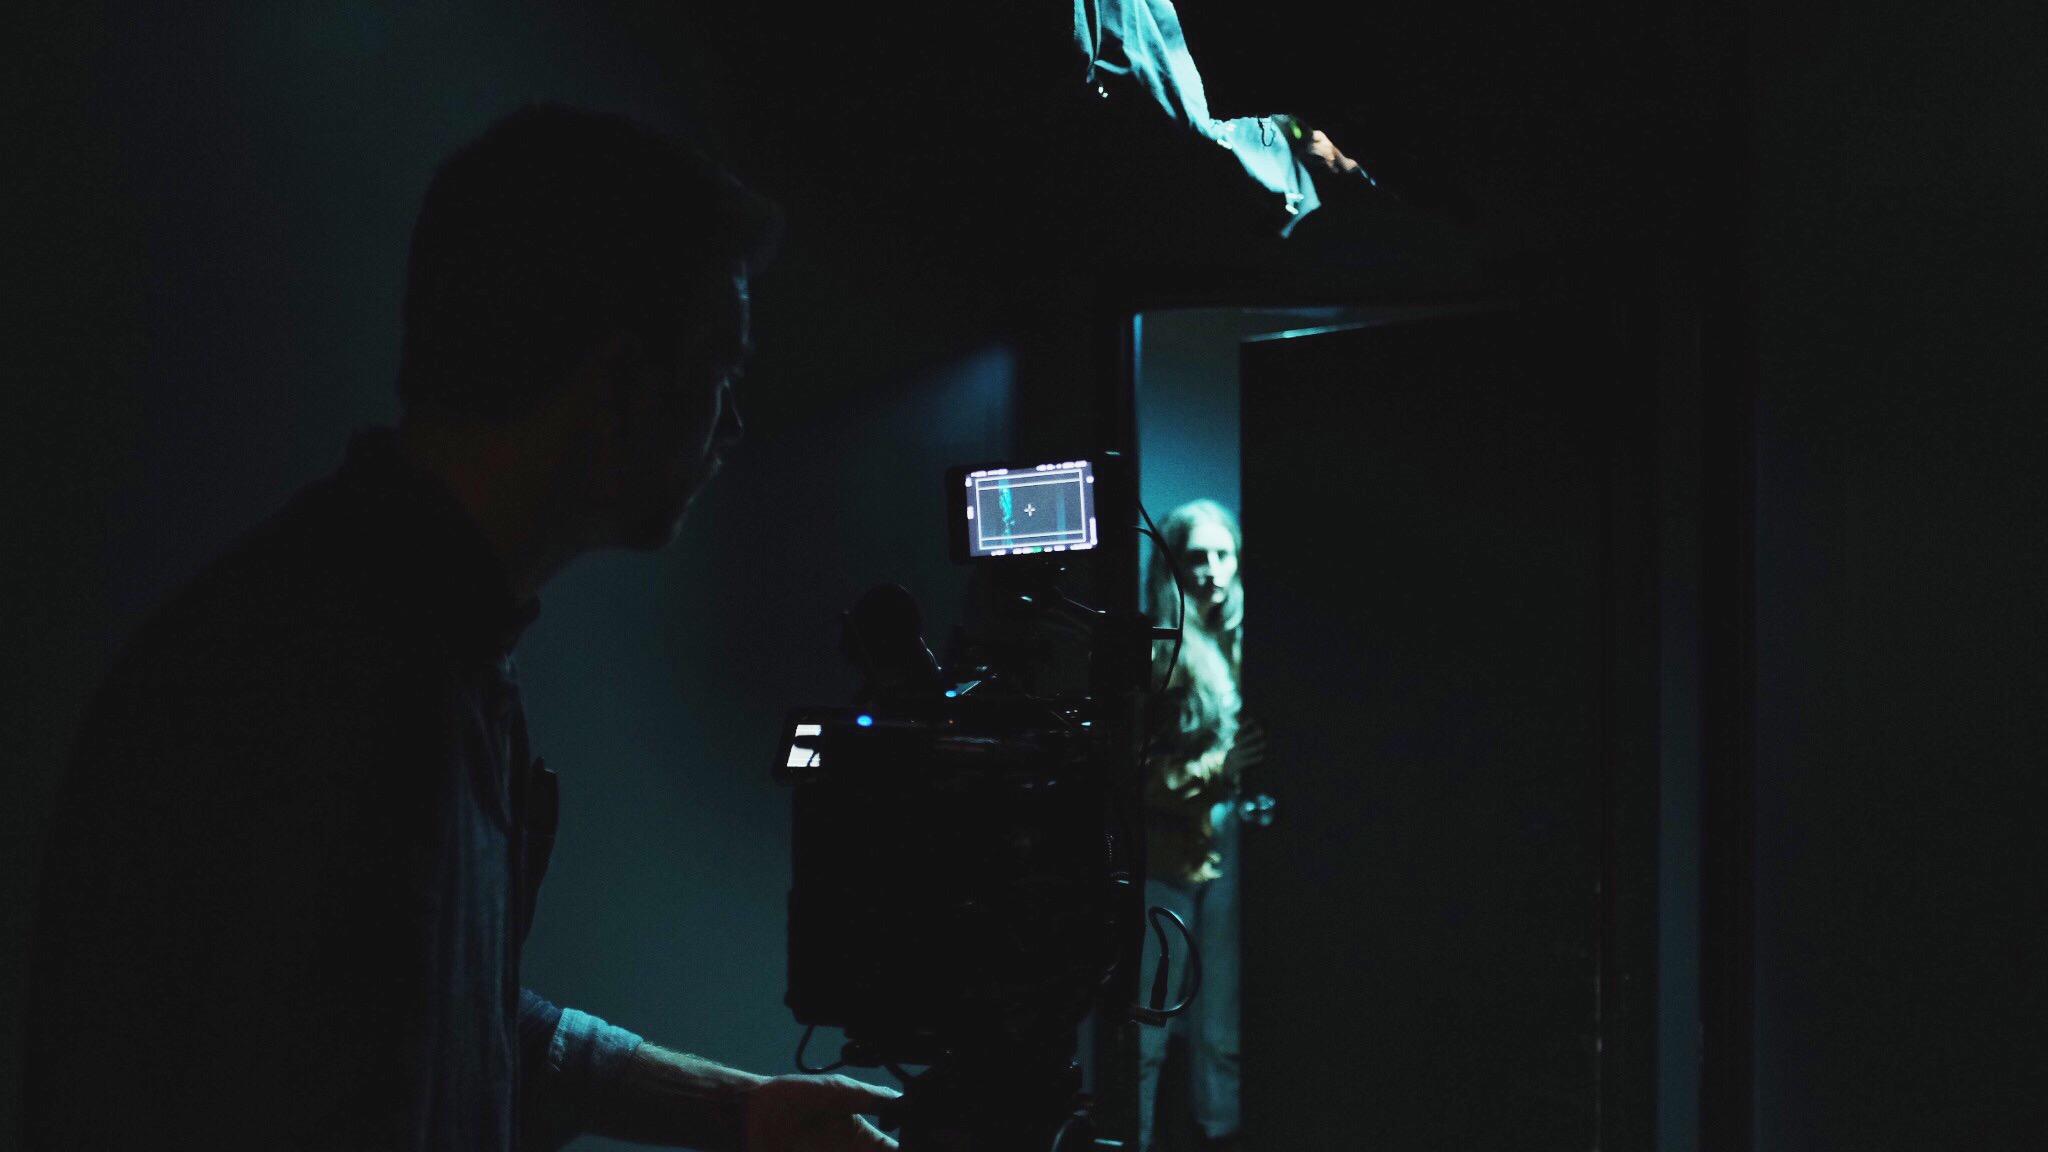 Bones - A short film by Matthew Underwood (BTS)